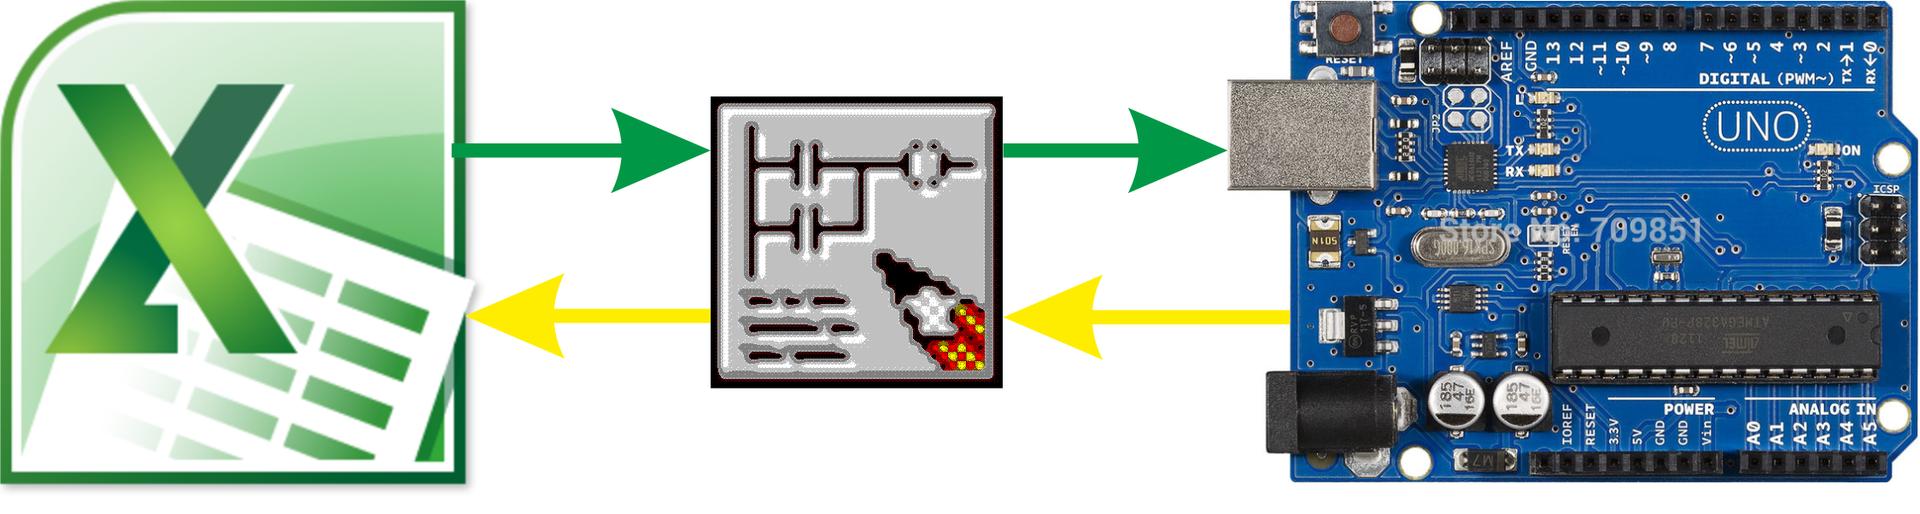 Управление Arduino с помощью Excel - 1